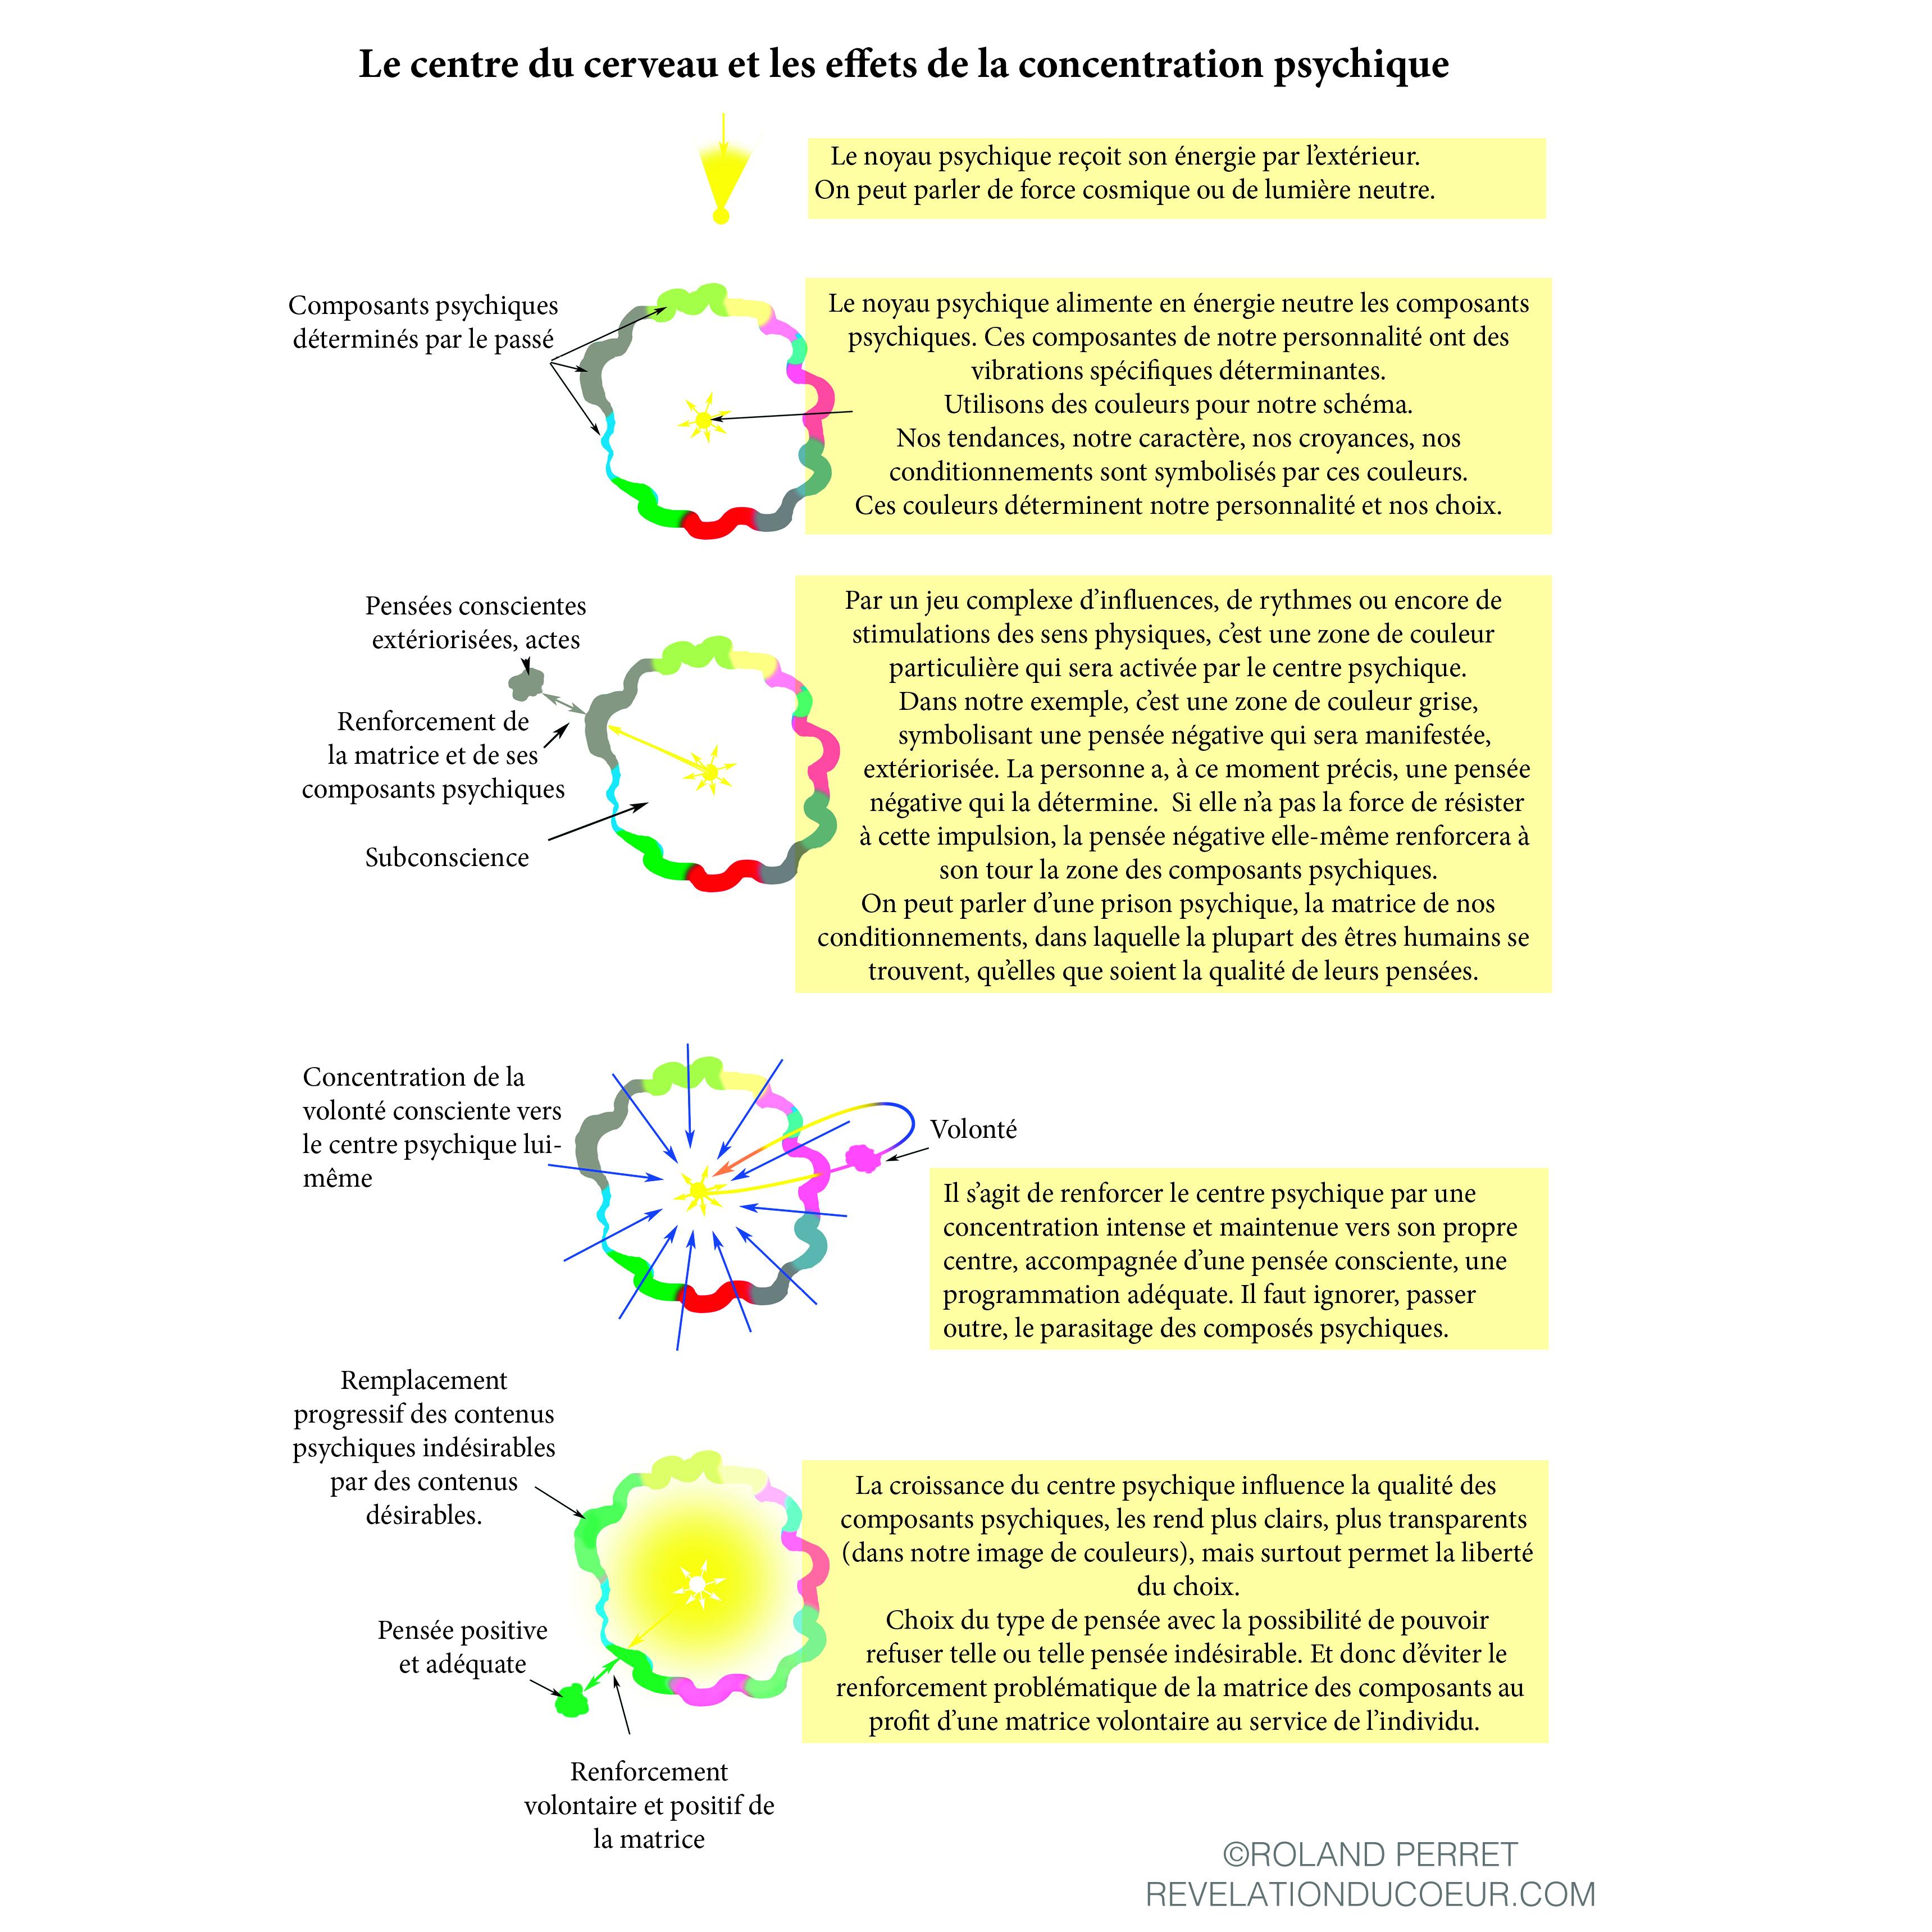 Les effets de la concentration dans le centre psychique.